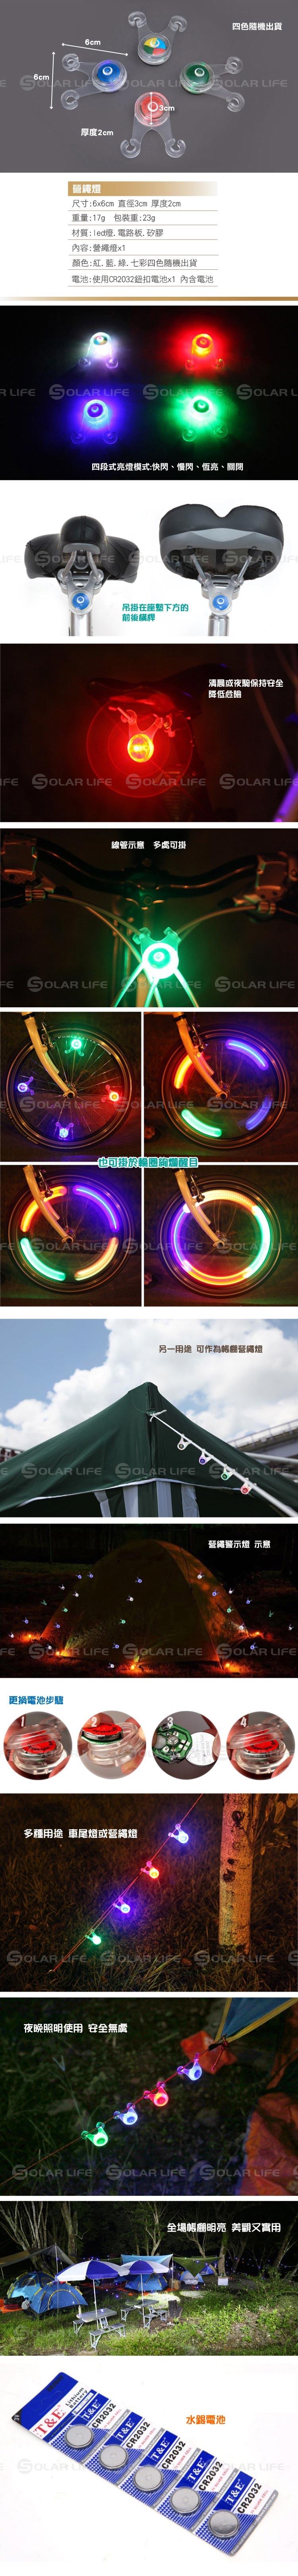 【索樂生活】LED 帳篷營繩警示燈8入(尾燈 線燈 青蛙燈 LED營繩警示燈 營繩燈條)